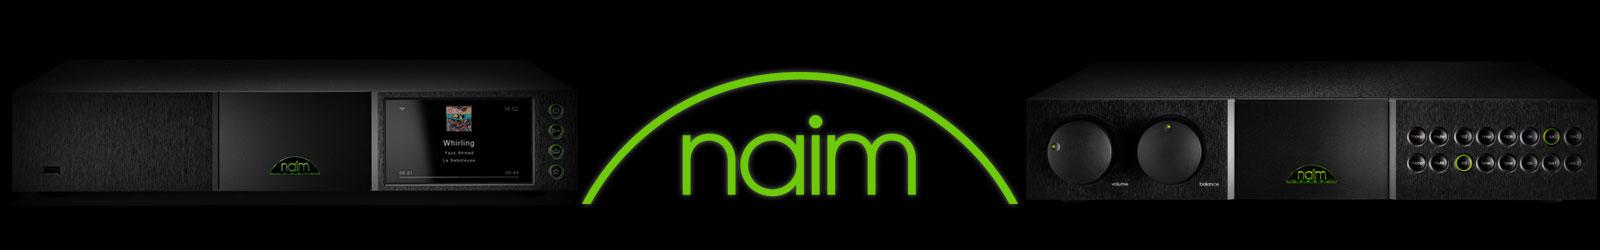 Naim Banner